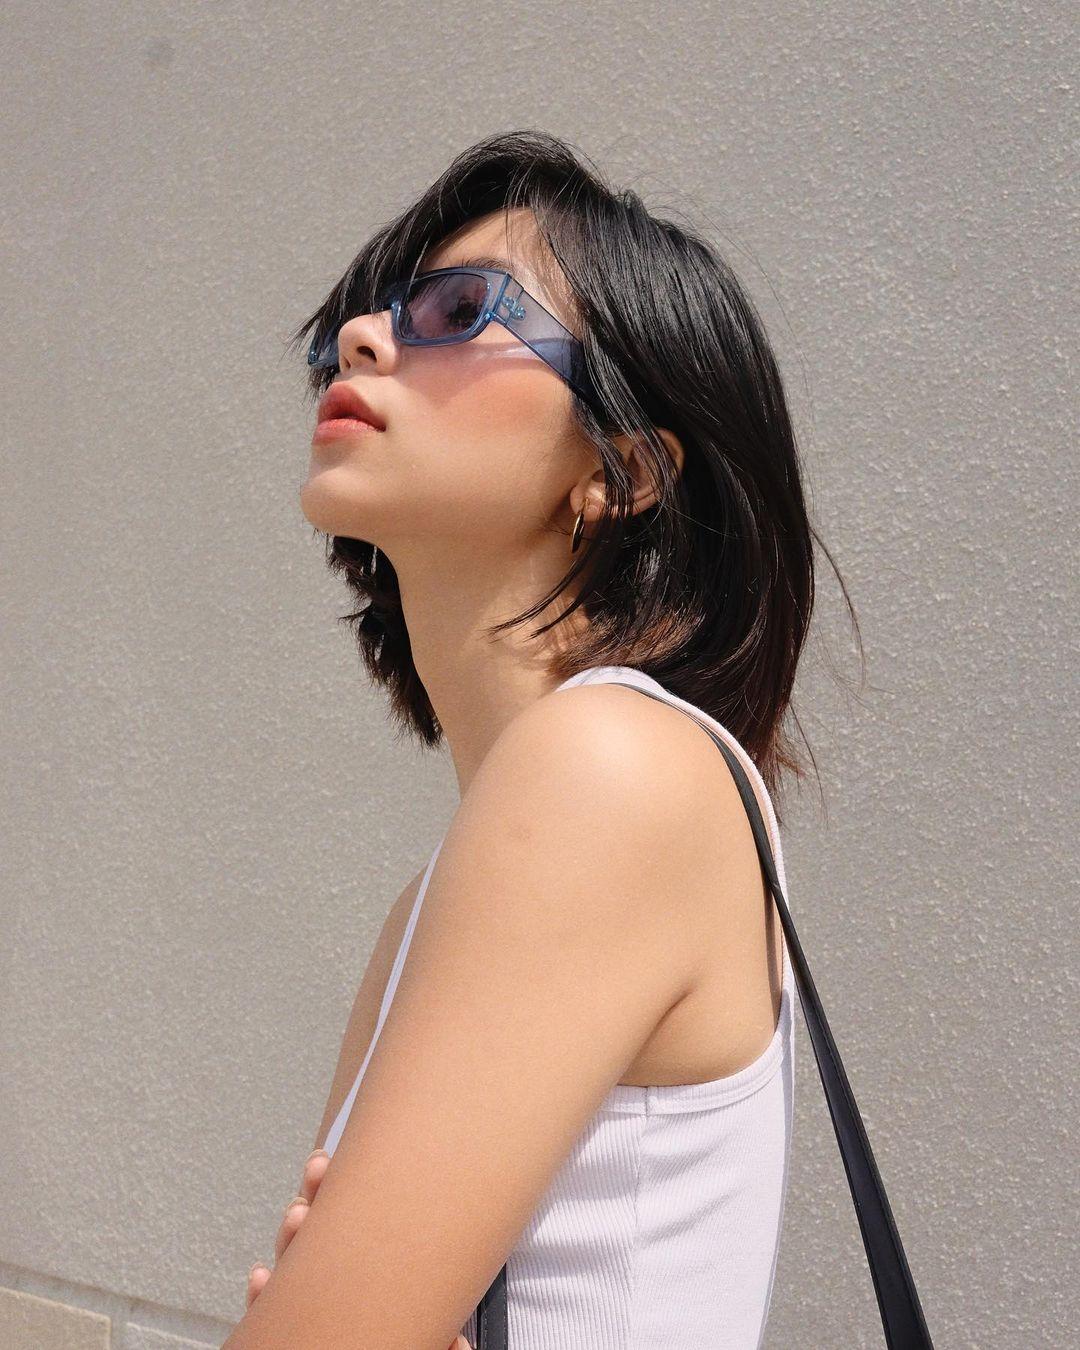 5 mỹ nhân Việt để tóc ngắn xuất sắc nhất: Ngắm là muốn cắt phăng mái tóc dài, nàng 30+ tìm được nhiều kiểu siêu hợp - Ảnh 5